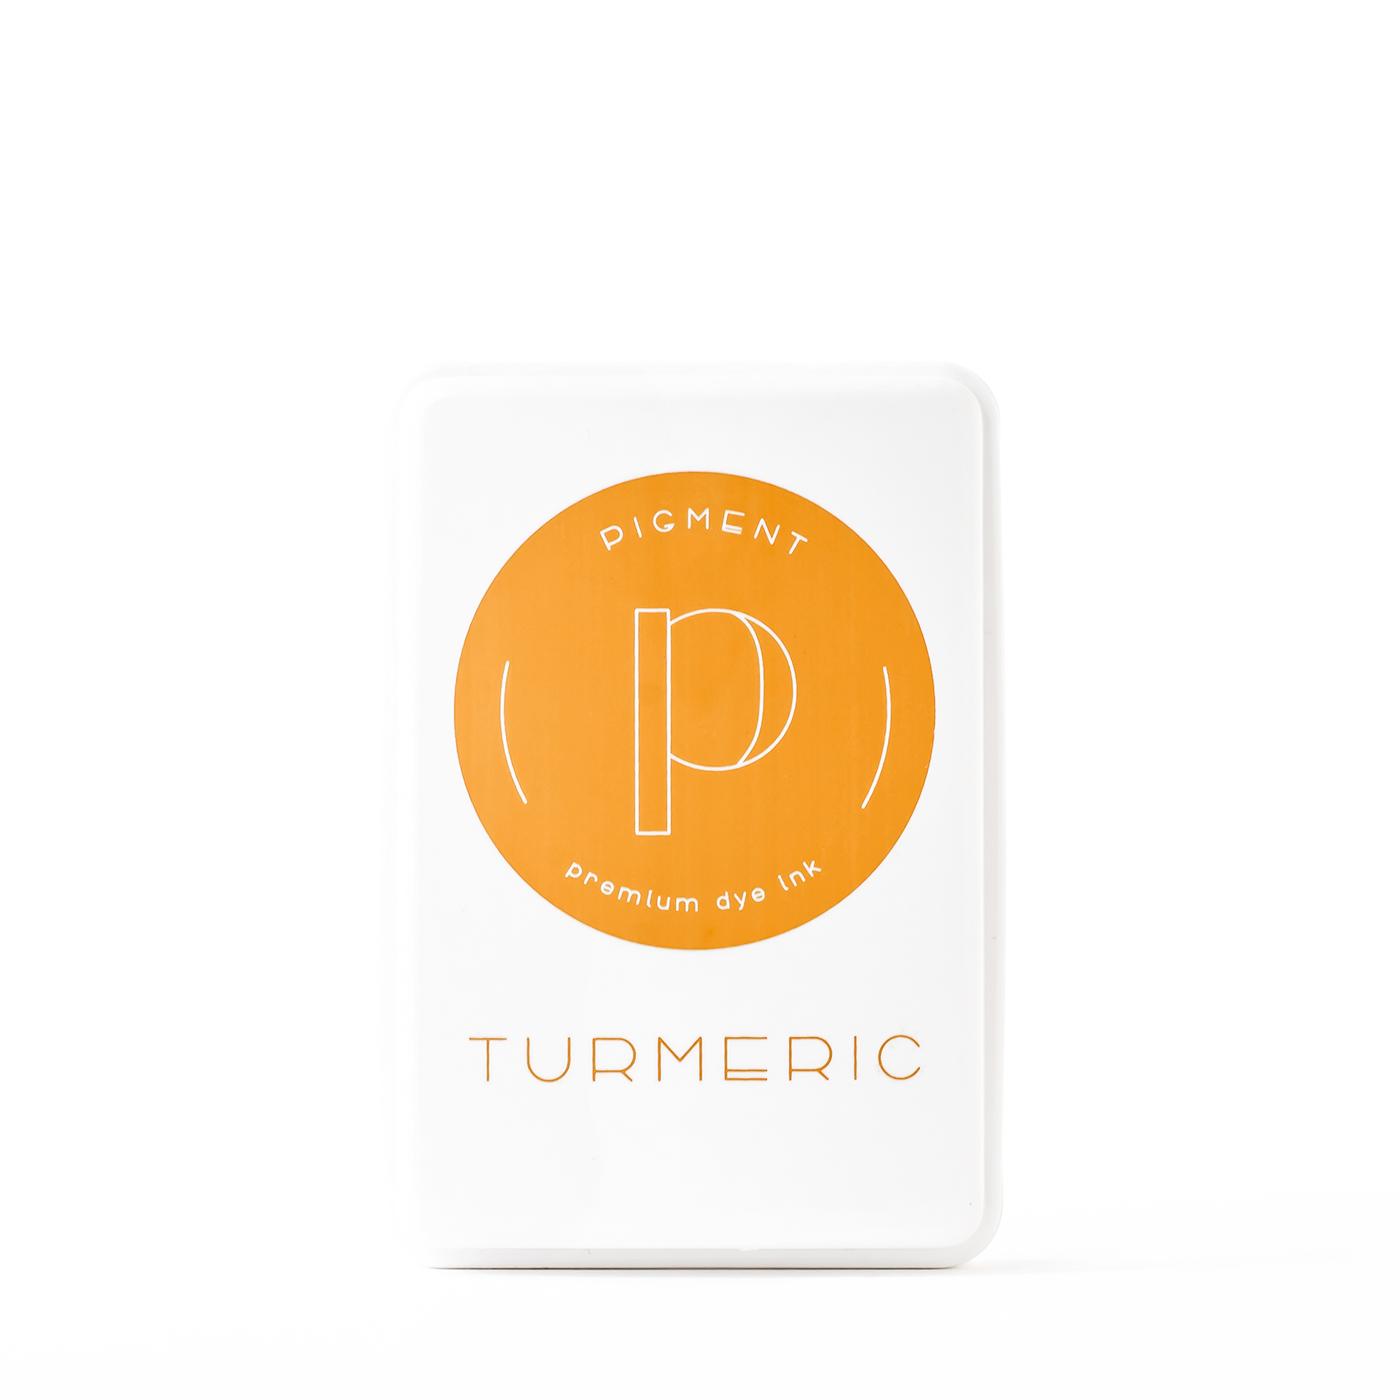 Pigment Turmeric Premium Dye Ink